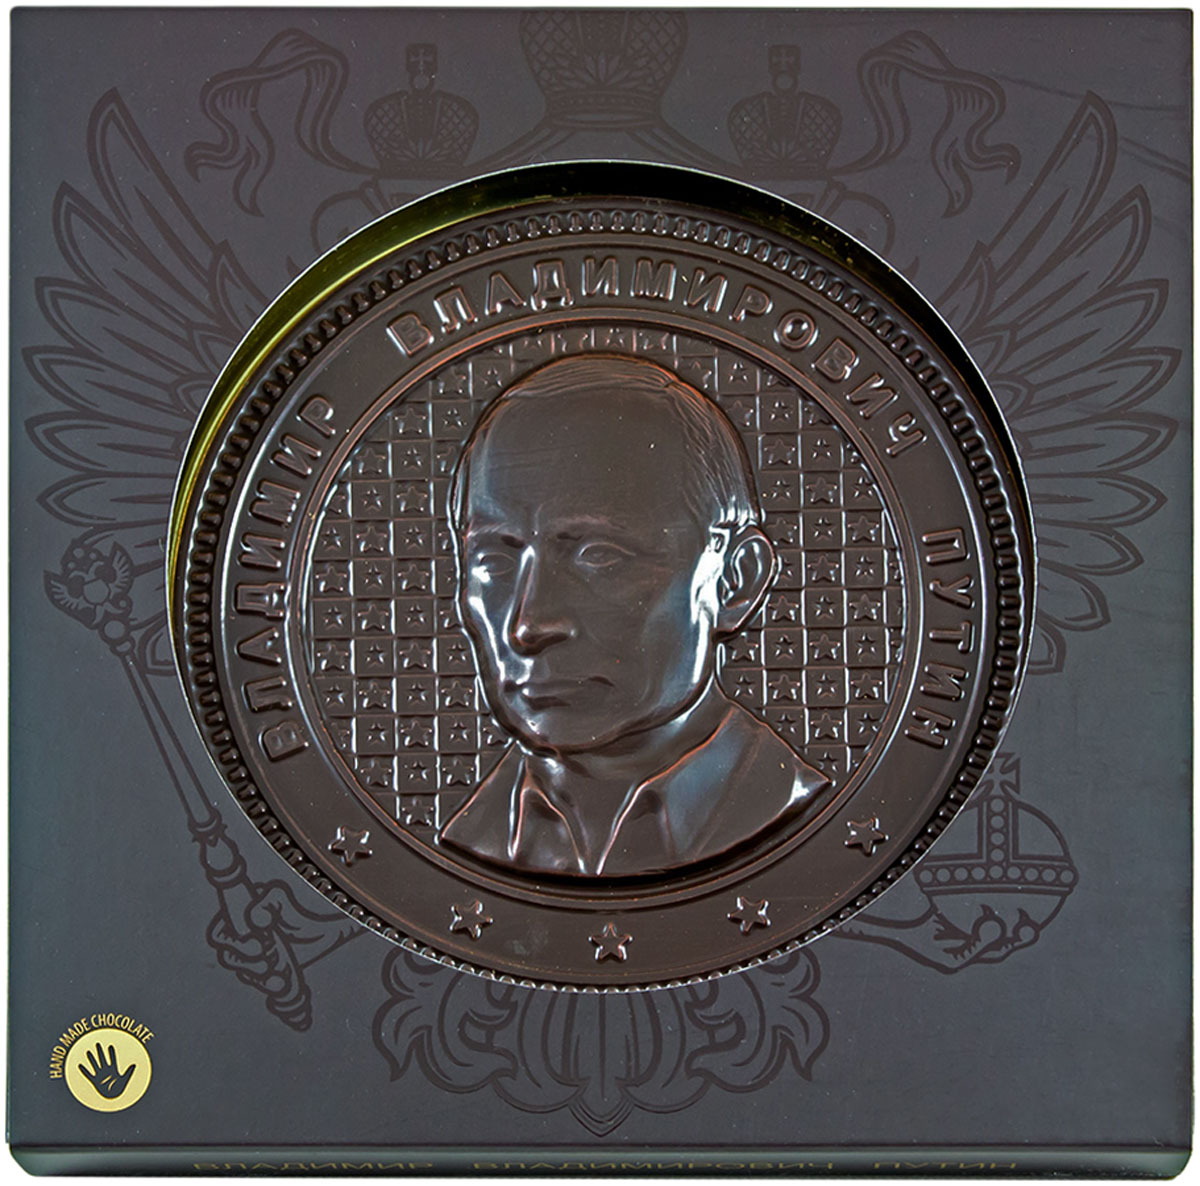 Райская птица Тёмный шоколад 71% фигурный медаль Путин В.В., 90 г райская птица темный шоколад 71% с малиной 85 г